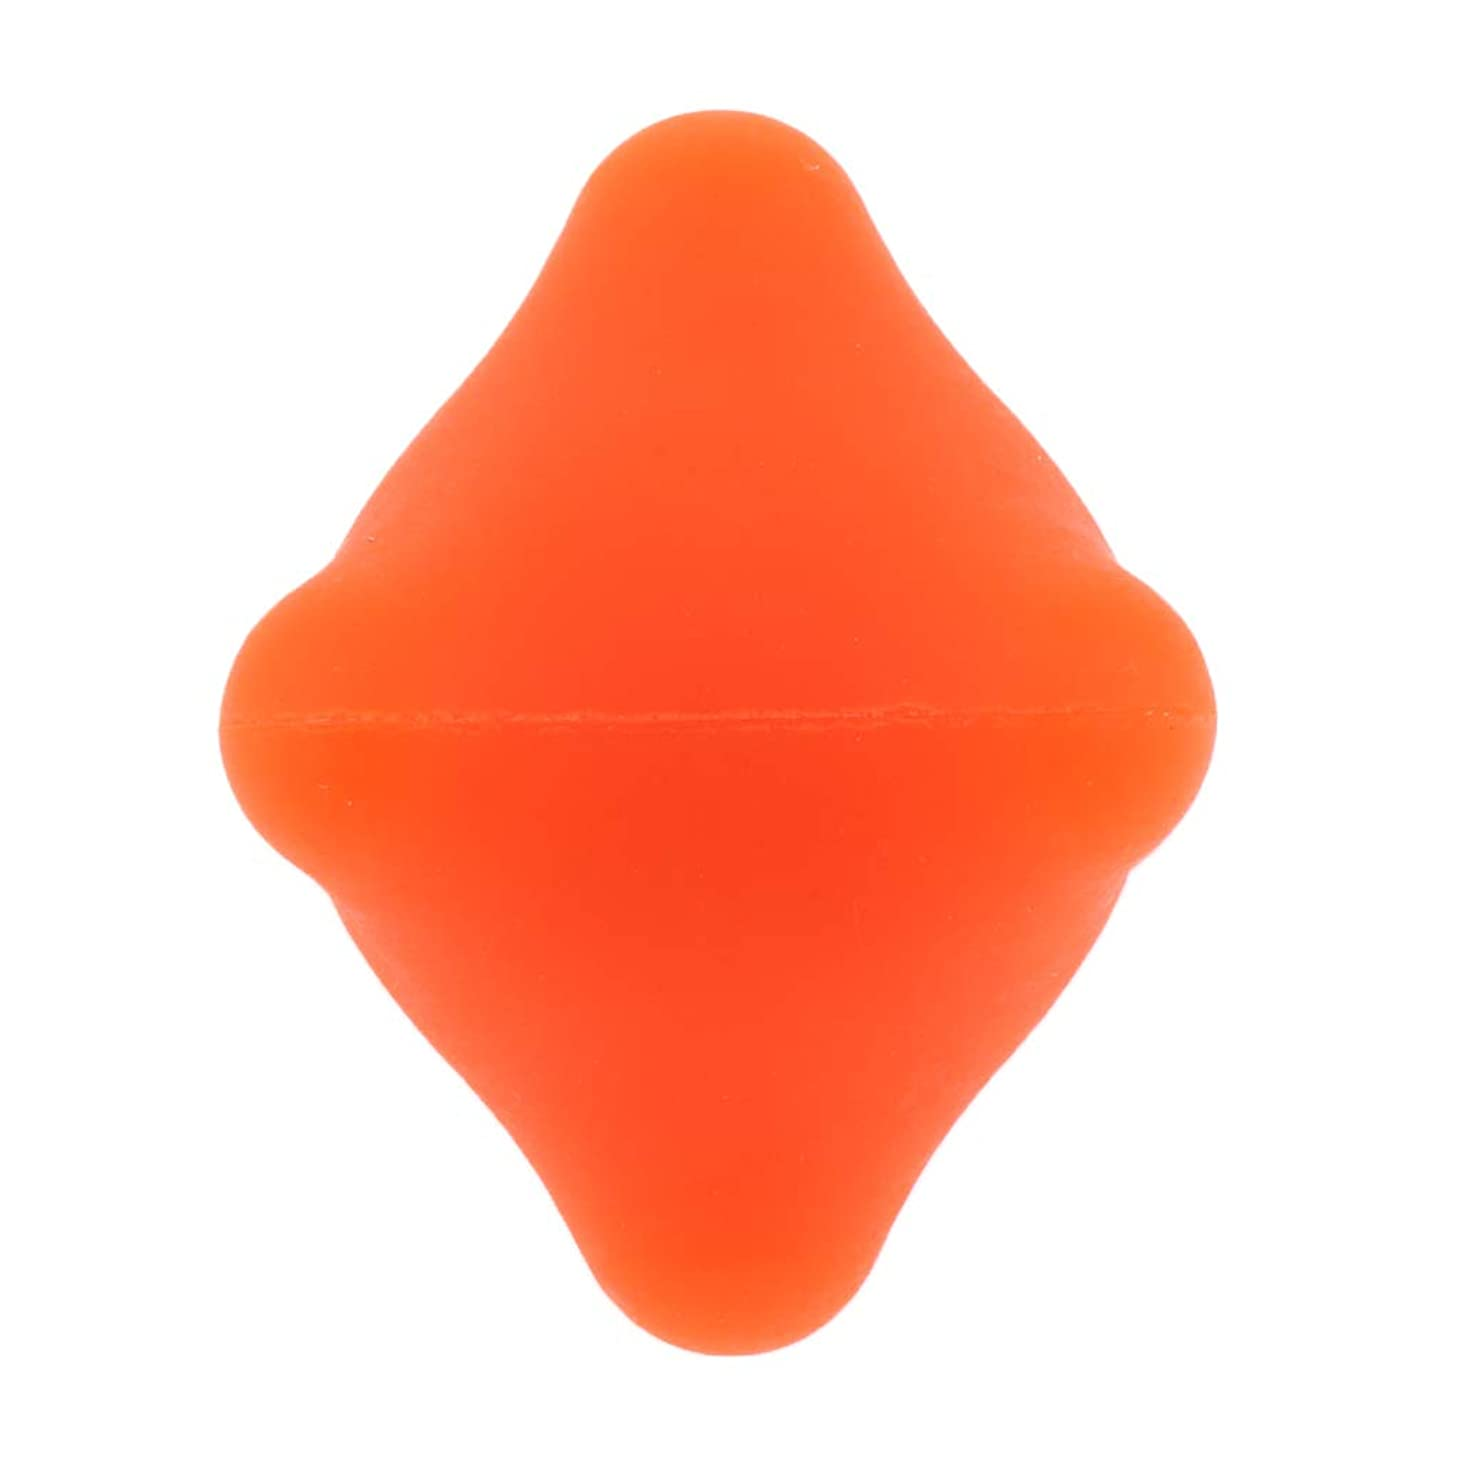 グリーンランド噛むアラブサラボ全9色 マッサージボール 指圧ボール 六角 筋膜リリース トリガーポイント 背中 足裏 ストレス解消 - オレンジ, 4.4cm